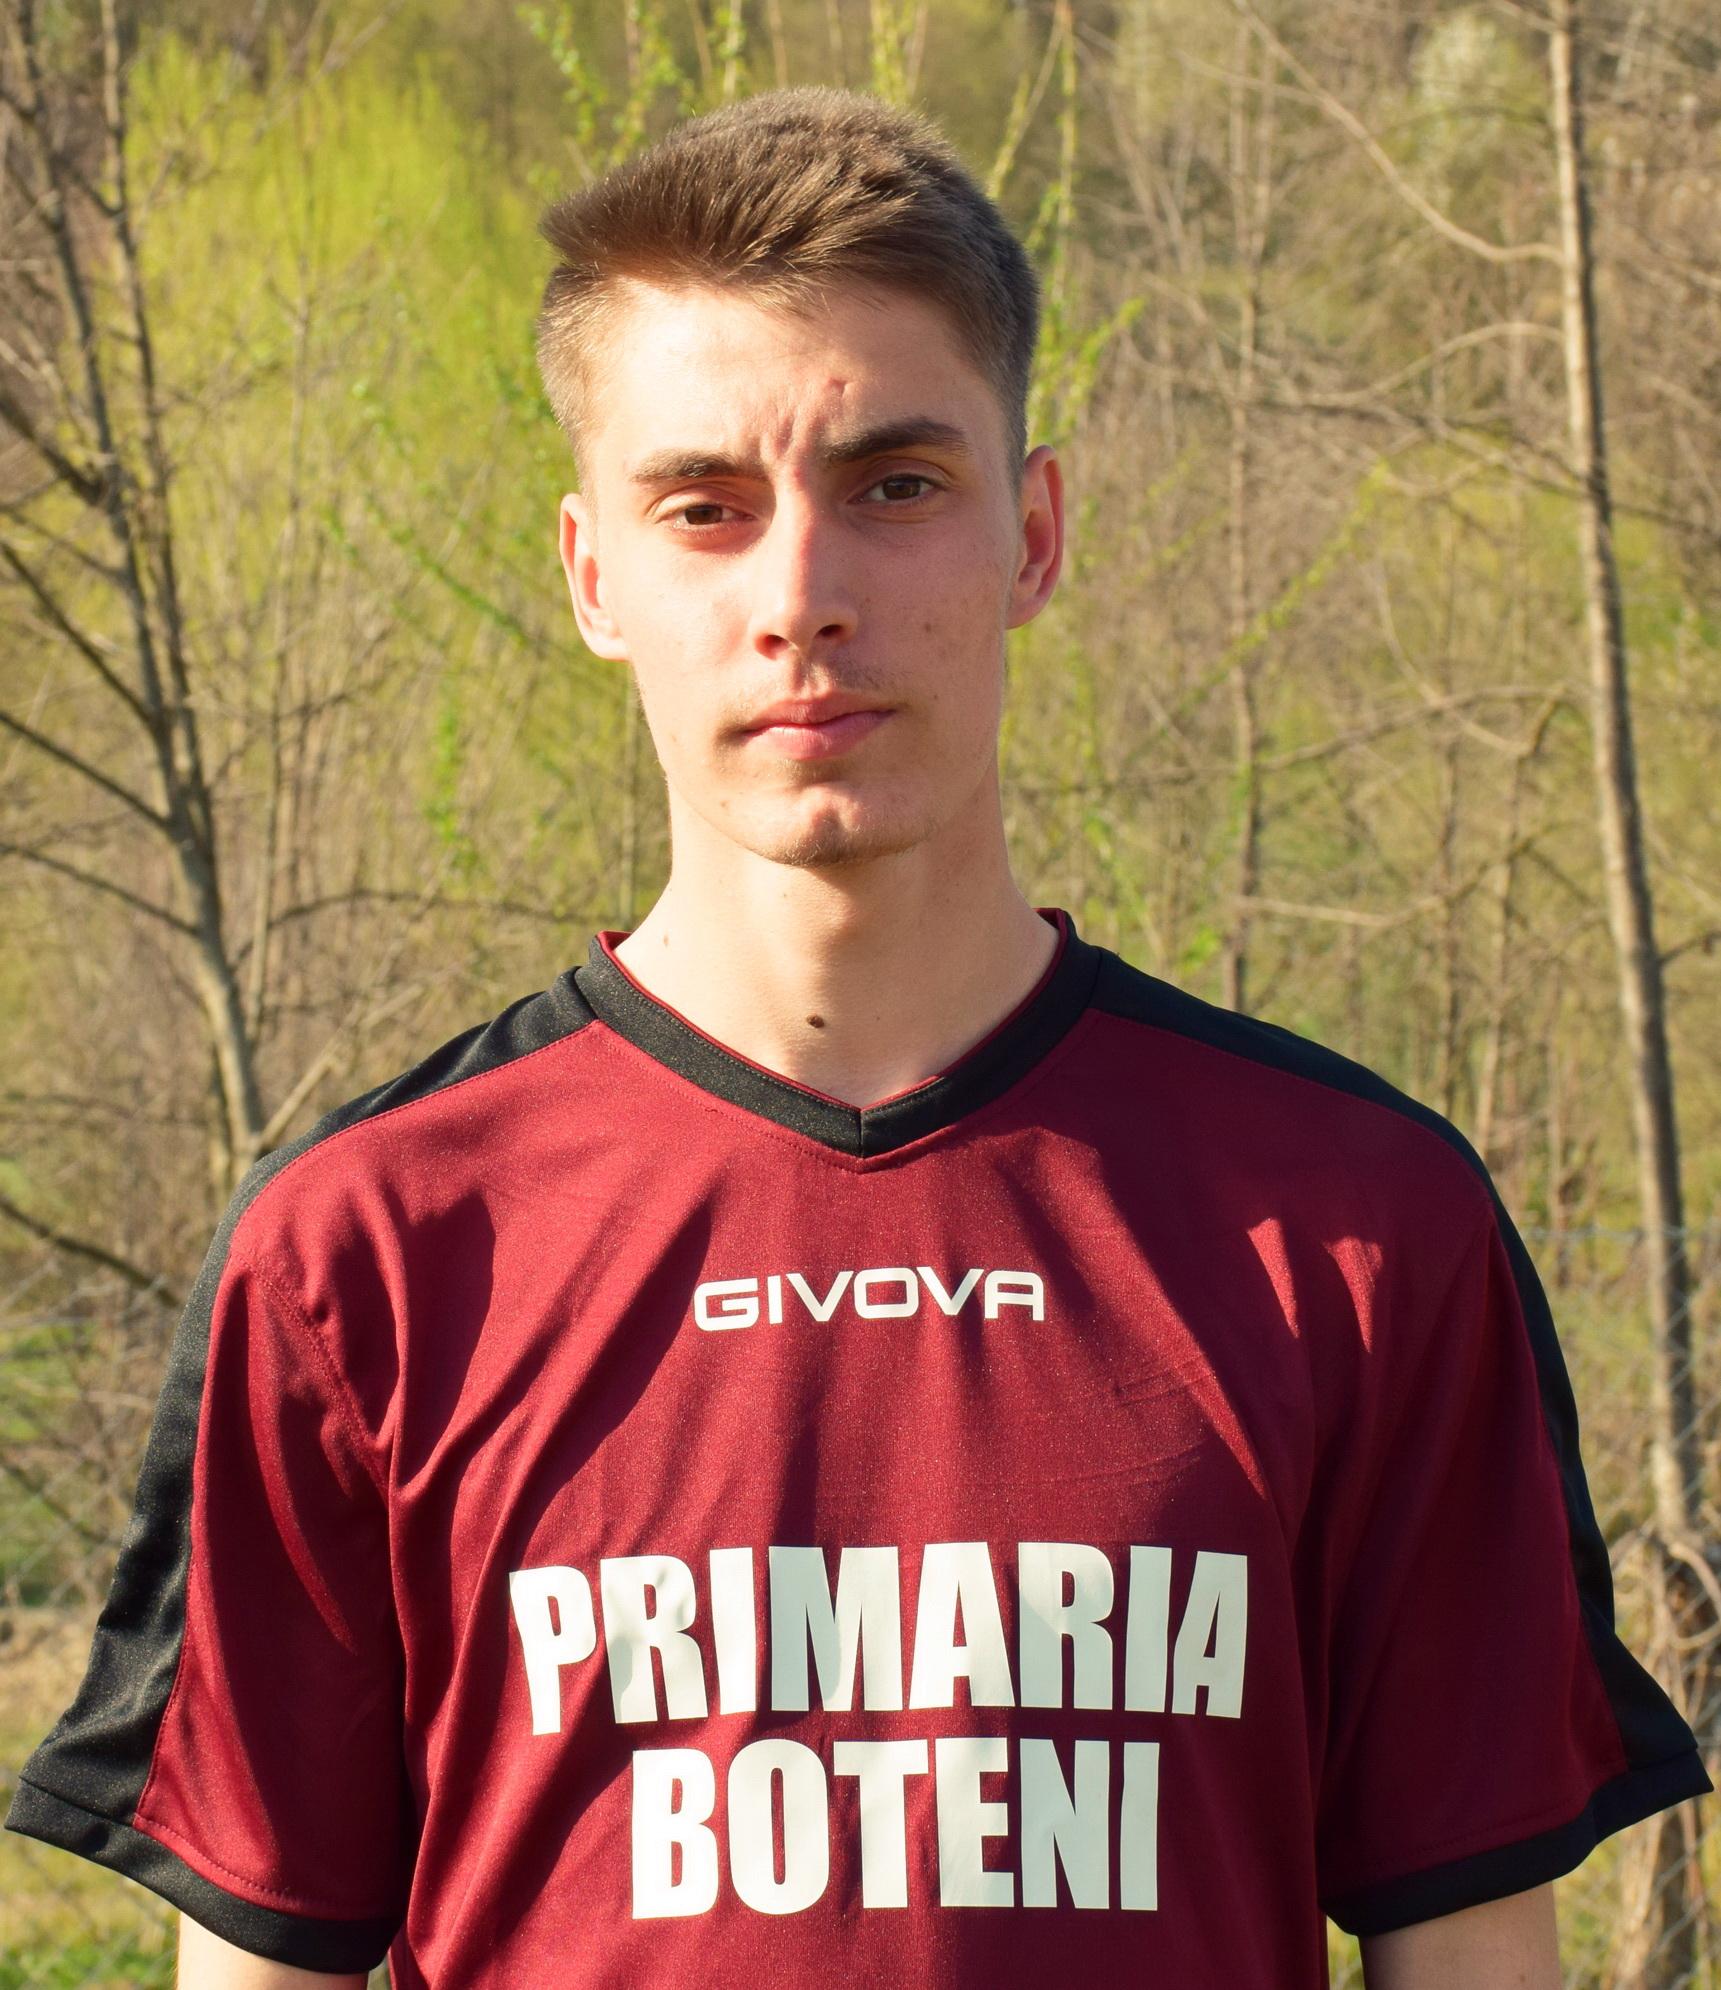 Malusanu Florin Alexandru